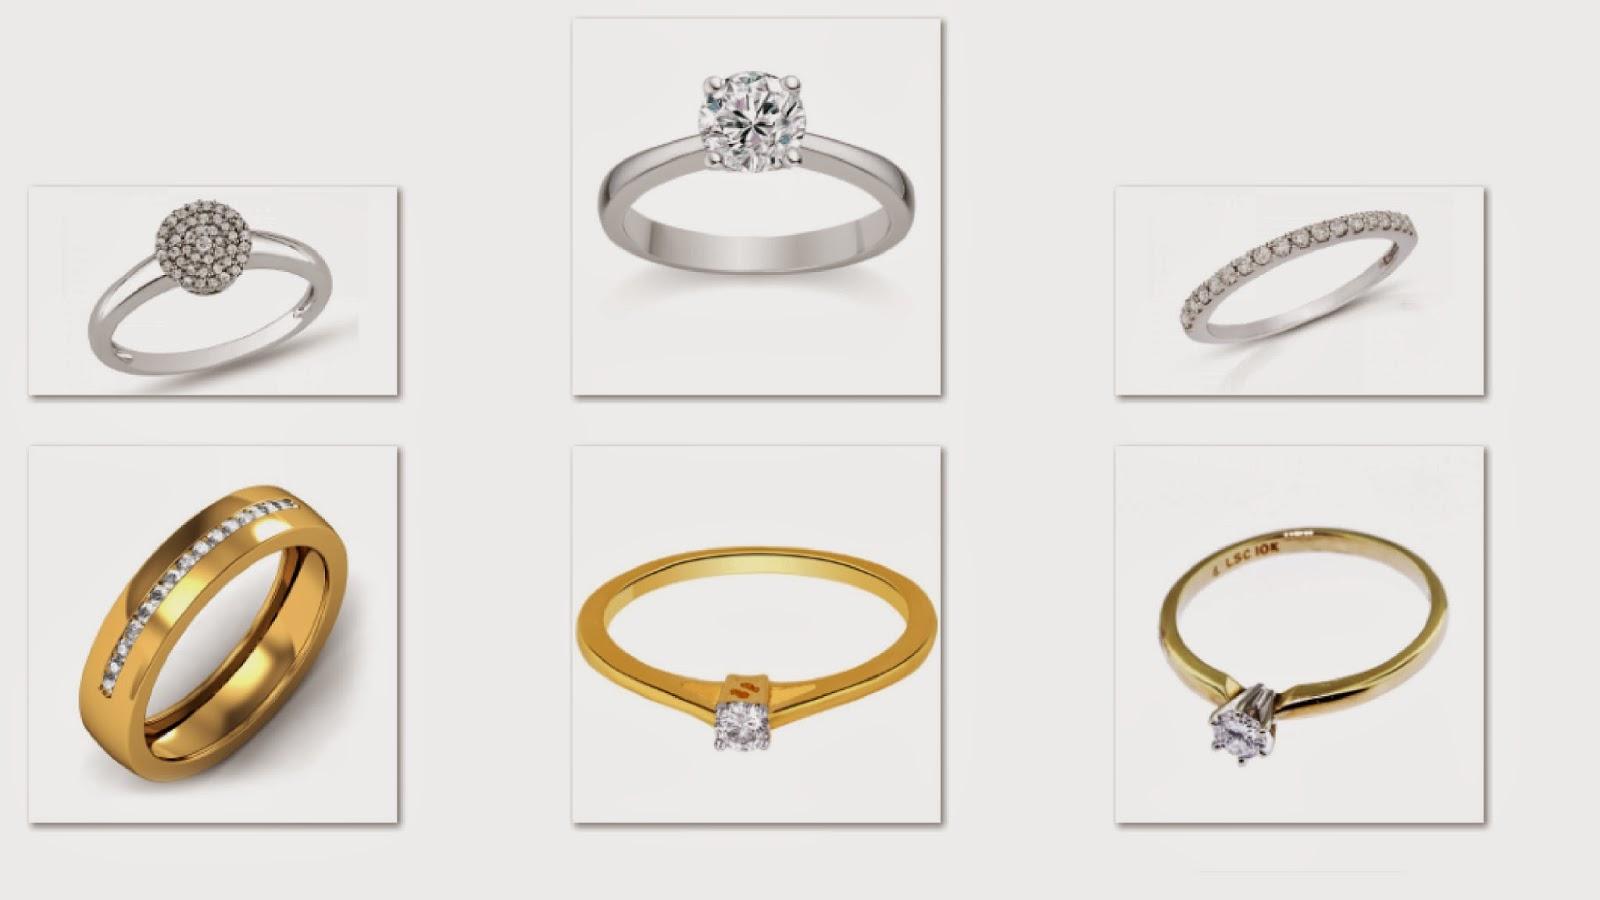 Cómo elegir el PERFECTO anillo de compromiso Glamour - imagenes anillos de compromiso precios